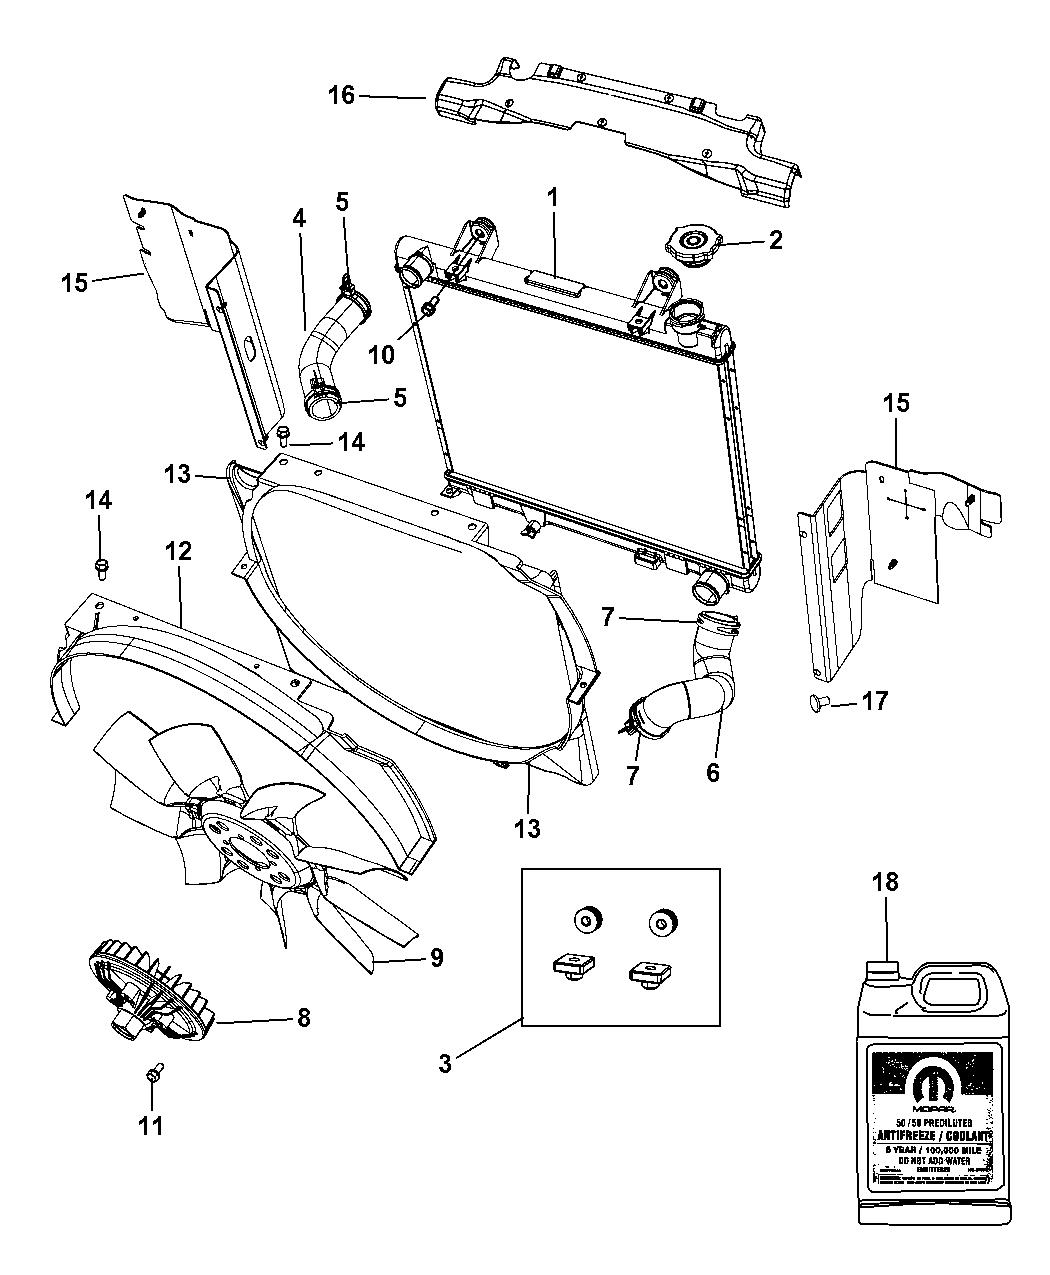 2005 dodge dakota slt engine diagram